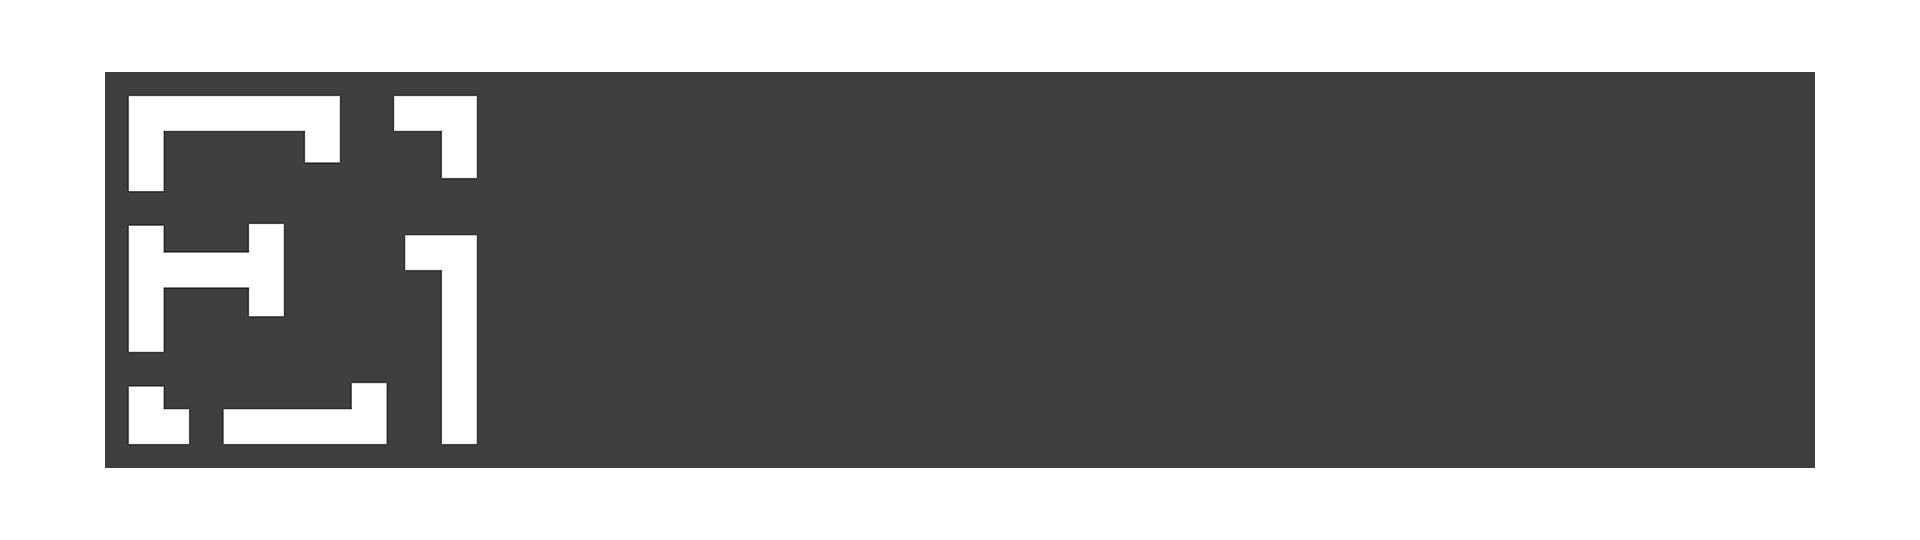 Evoluzione interni arredamento d interni a poggibonsi siena for Logo arredamento